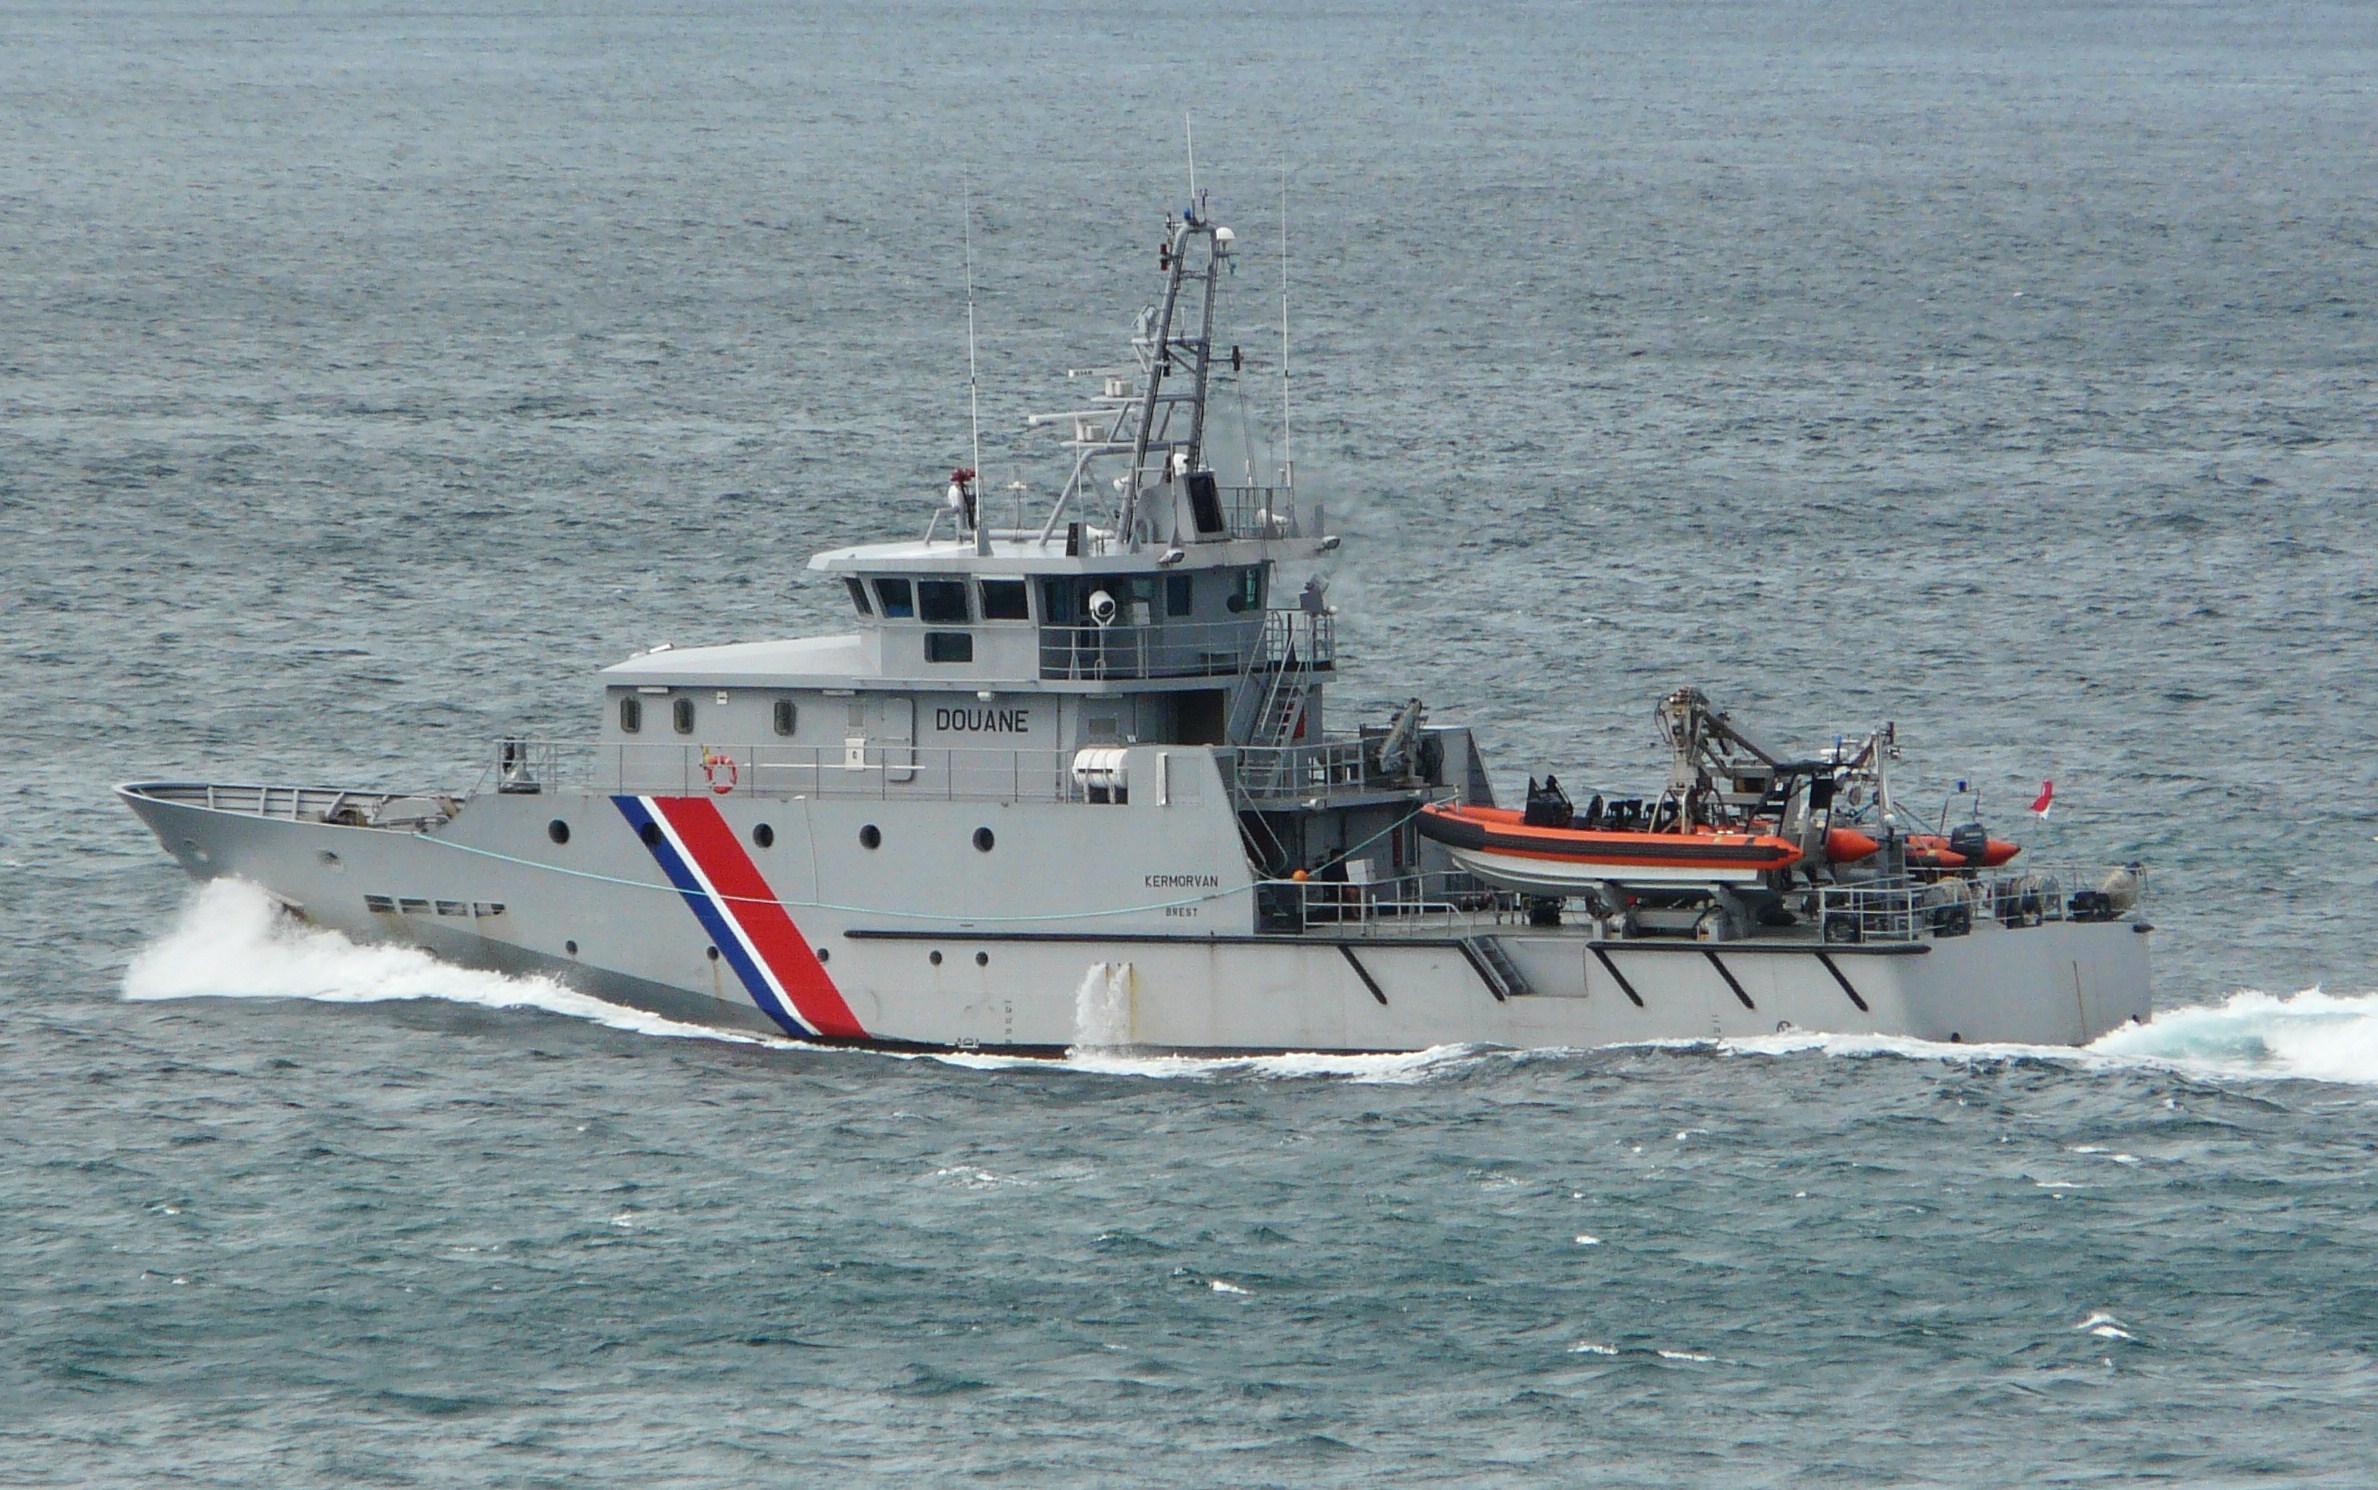 Les patrouilleurs de la Marine Nationale - Page 2 1195570